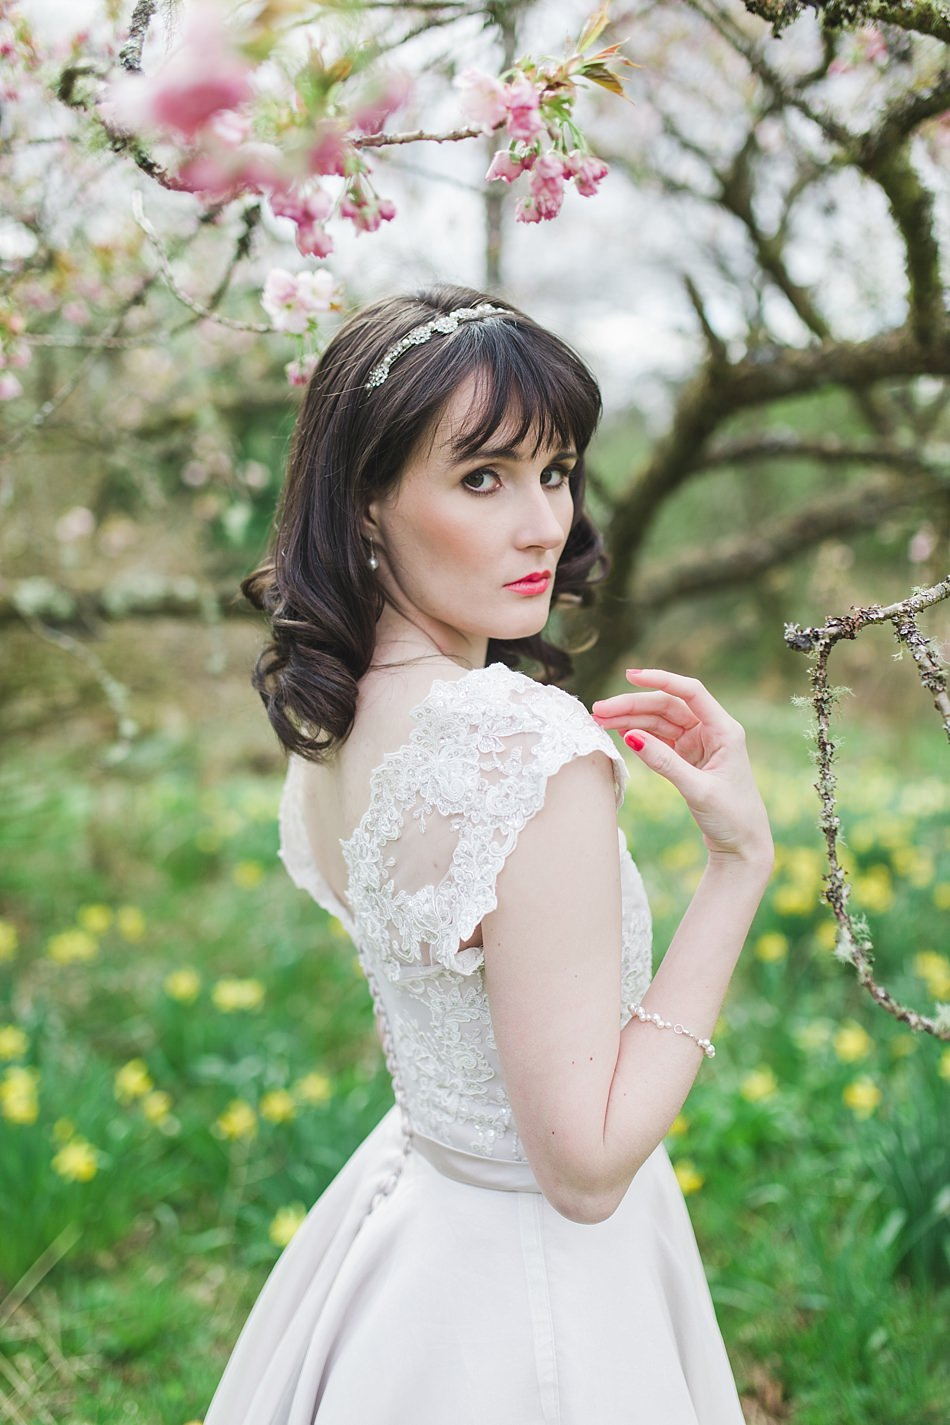 wedding ardkinglas Loch fyne 1-13.jpg